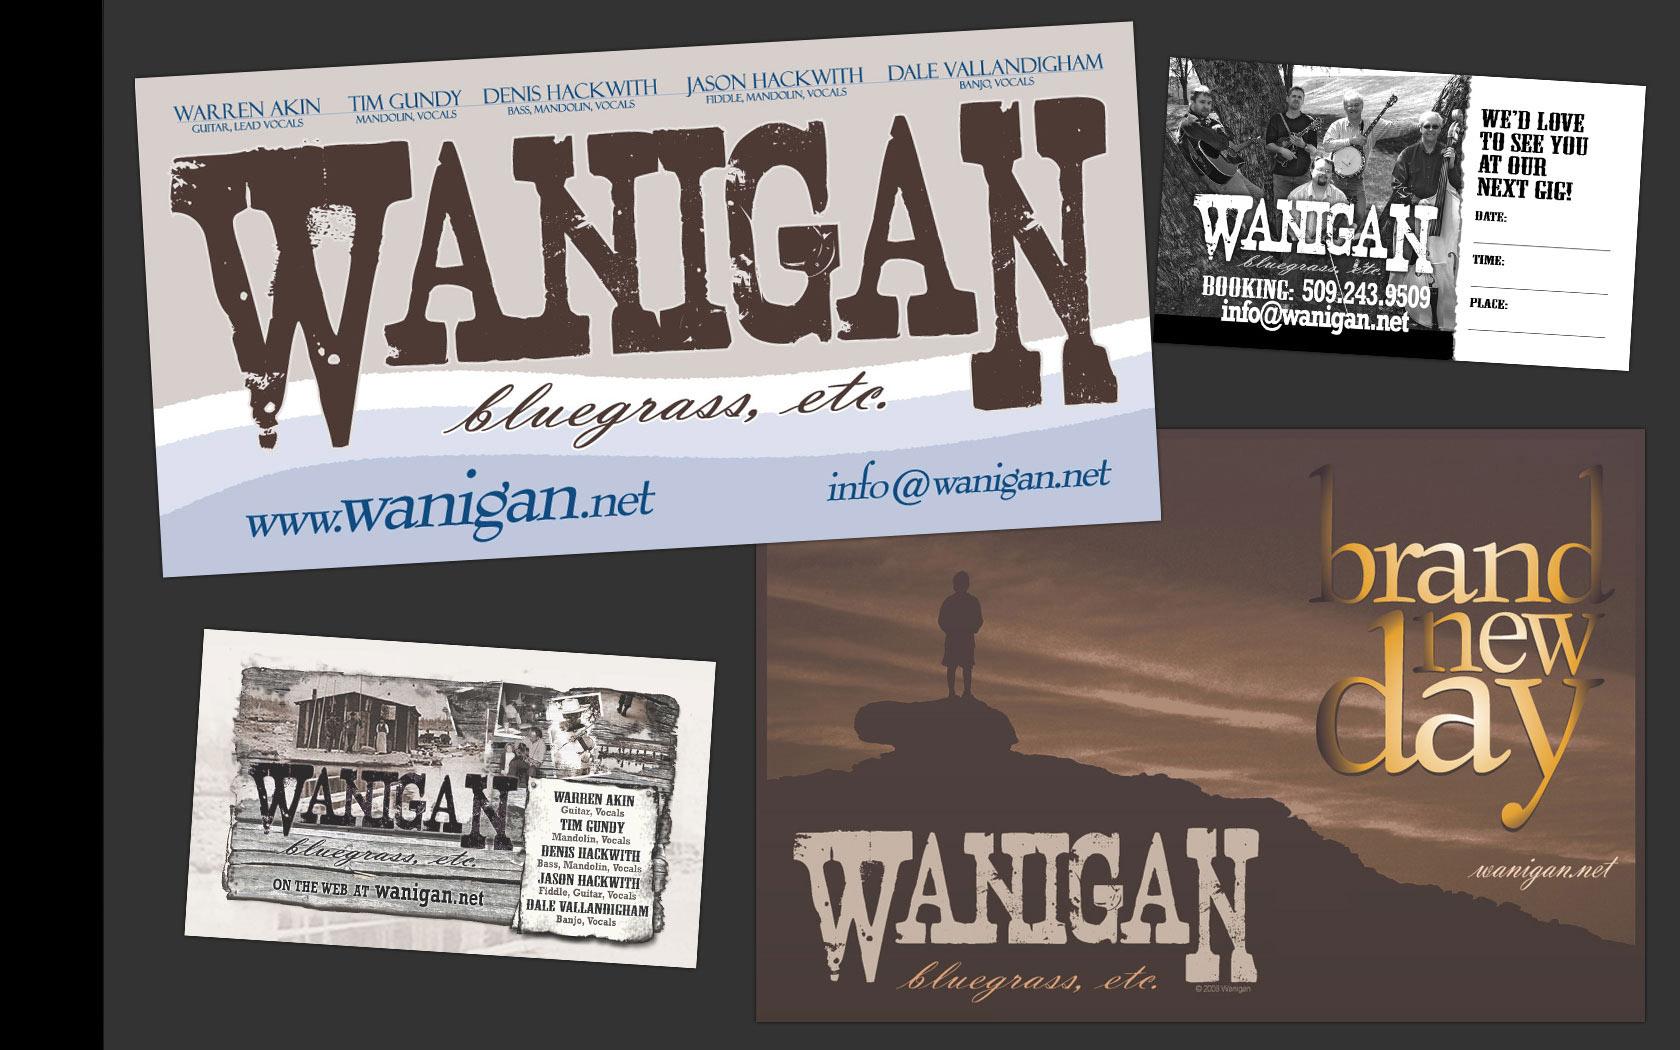 Wanigan_1680x1050.jpg